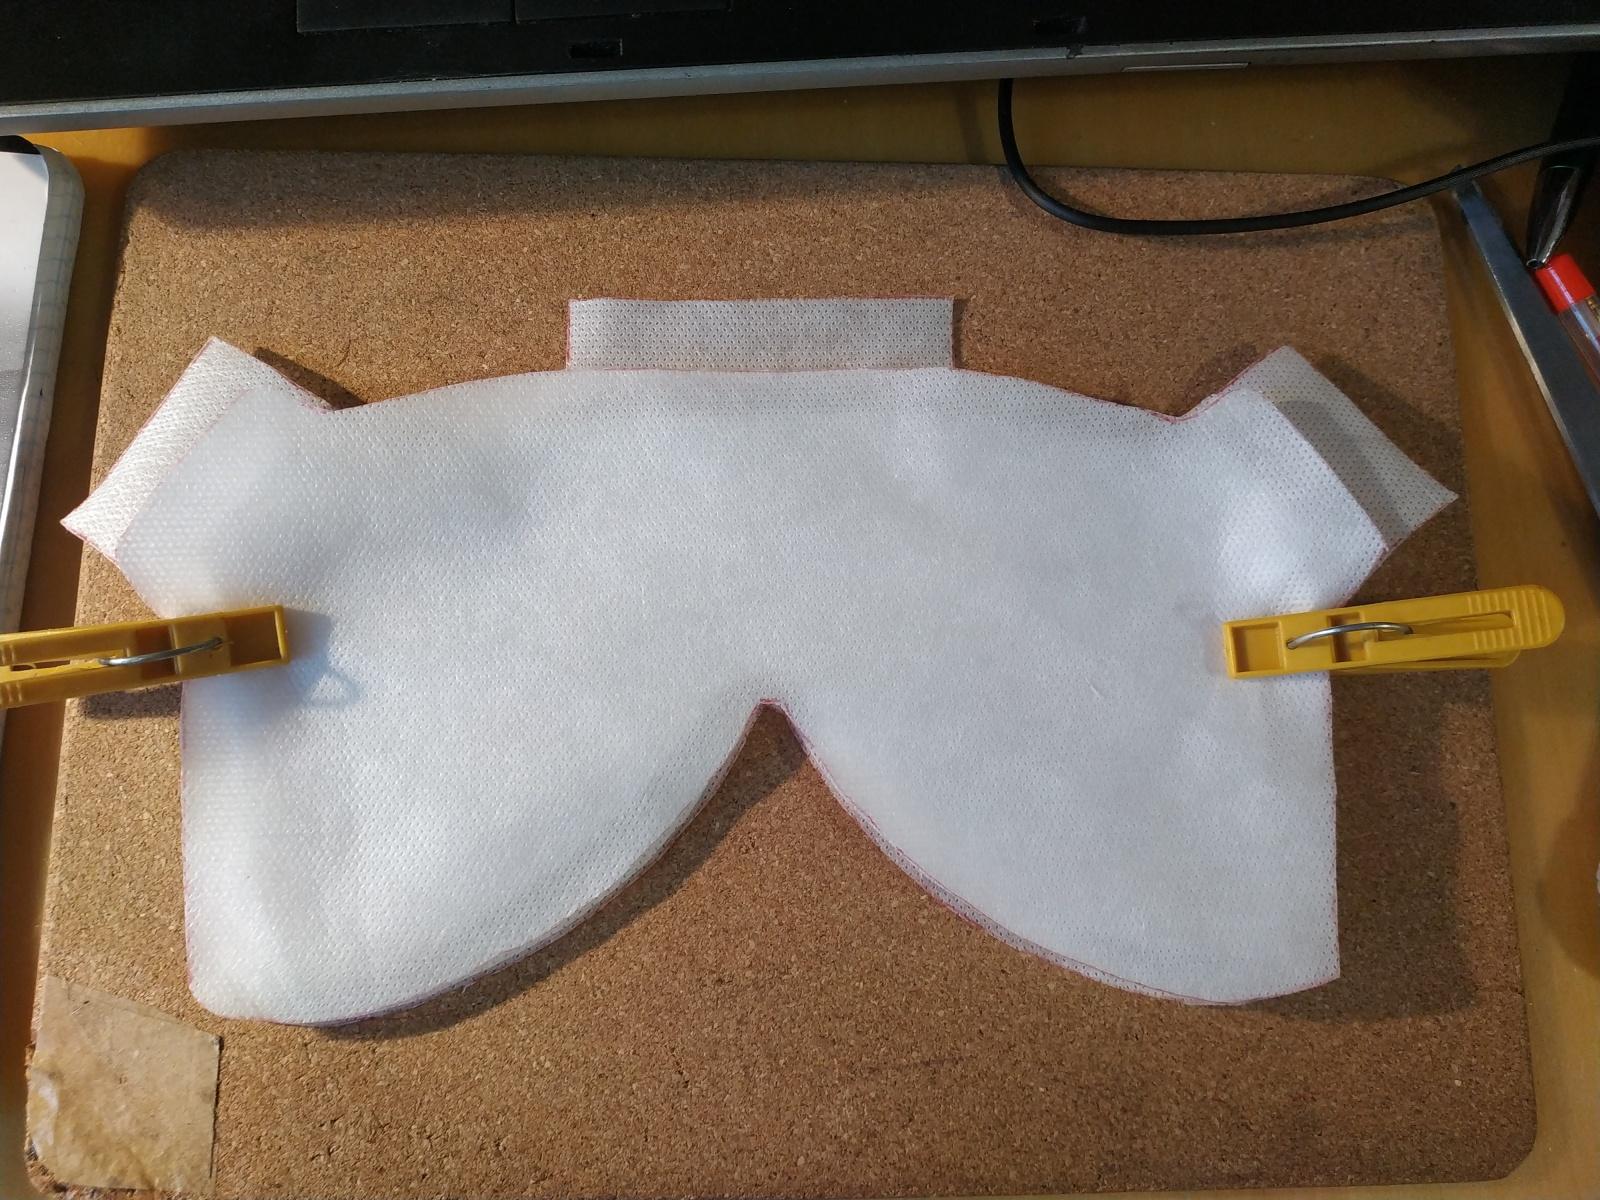 Как я изготовил респиратор KN95 в домашних условиях из подручных материалов. Подробная инструкция - 16